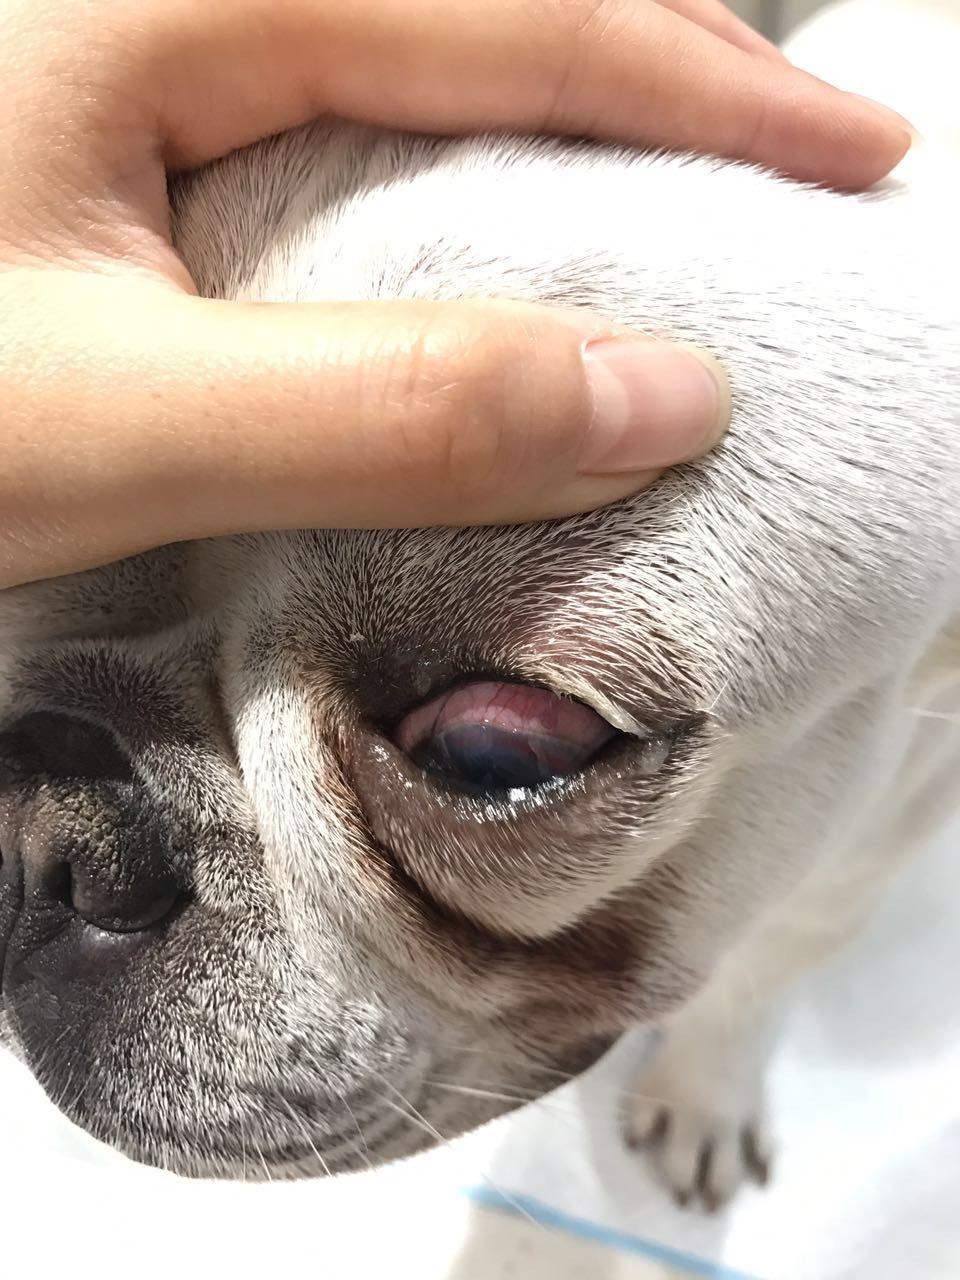 请教医生眼睛问题